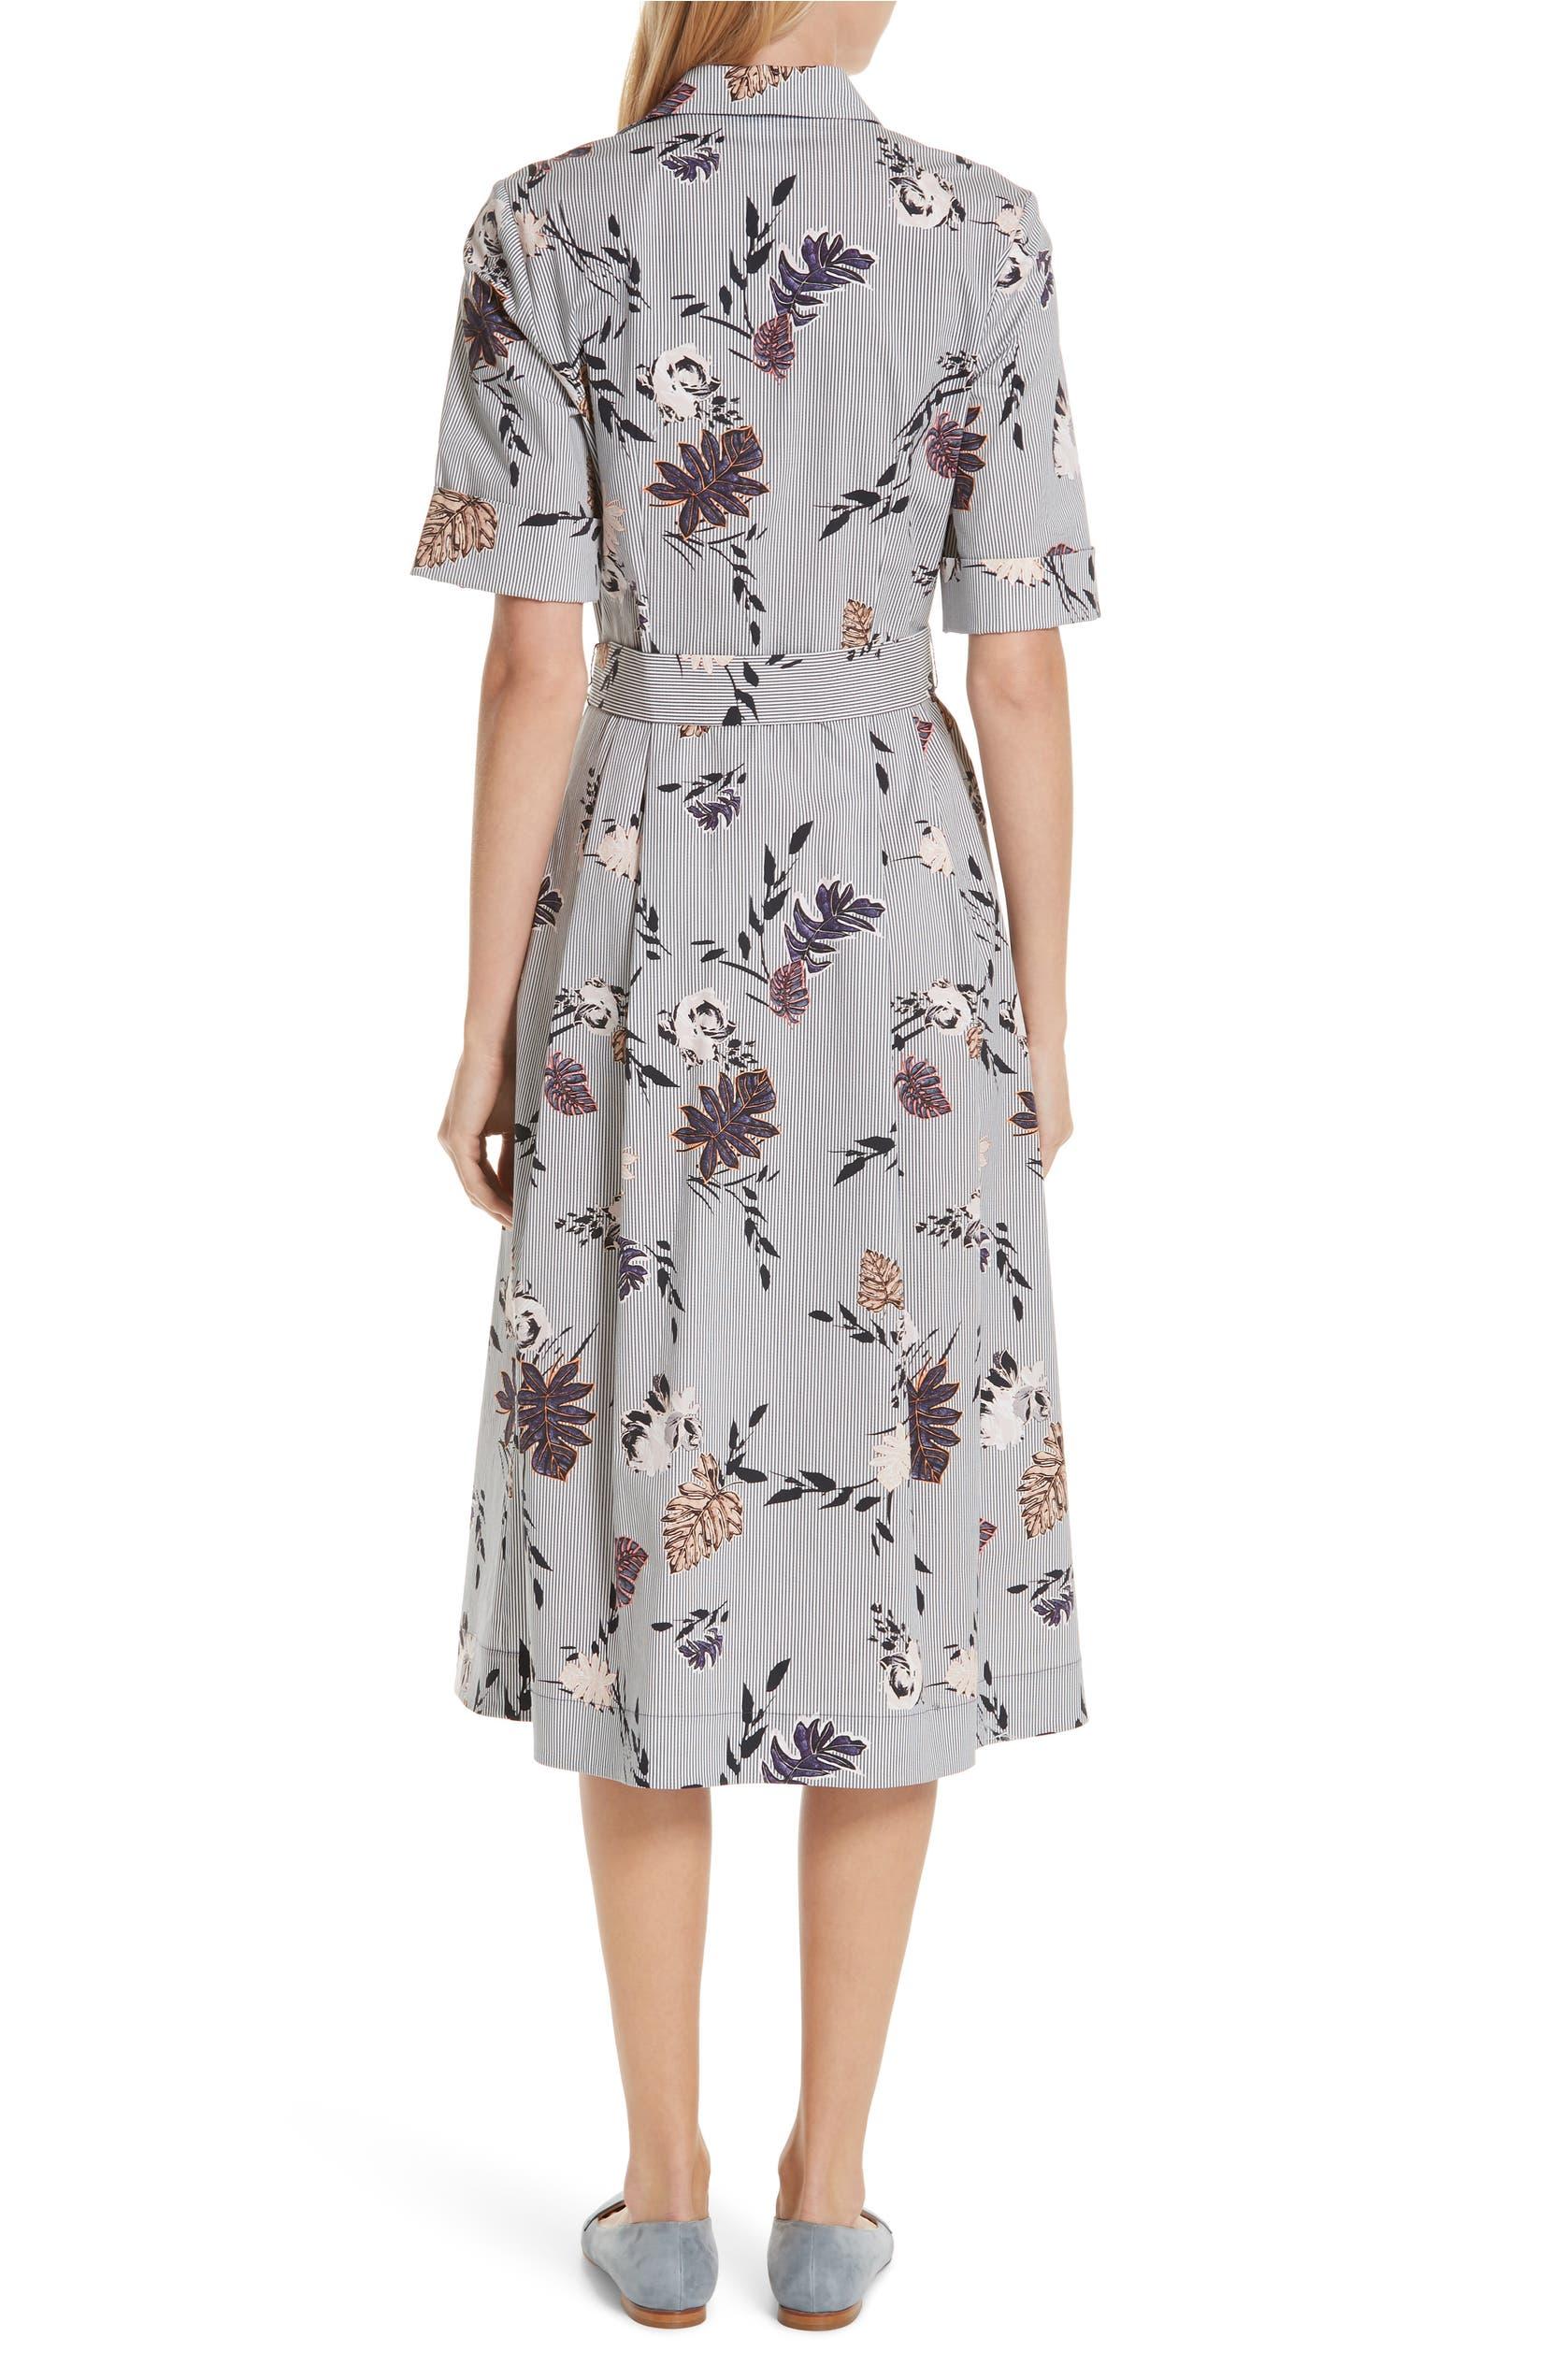 6a19e1212875 Lafayette 148 New York Eleni Floral Stripe Shirtdress | Nordstrom